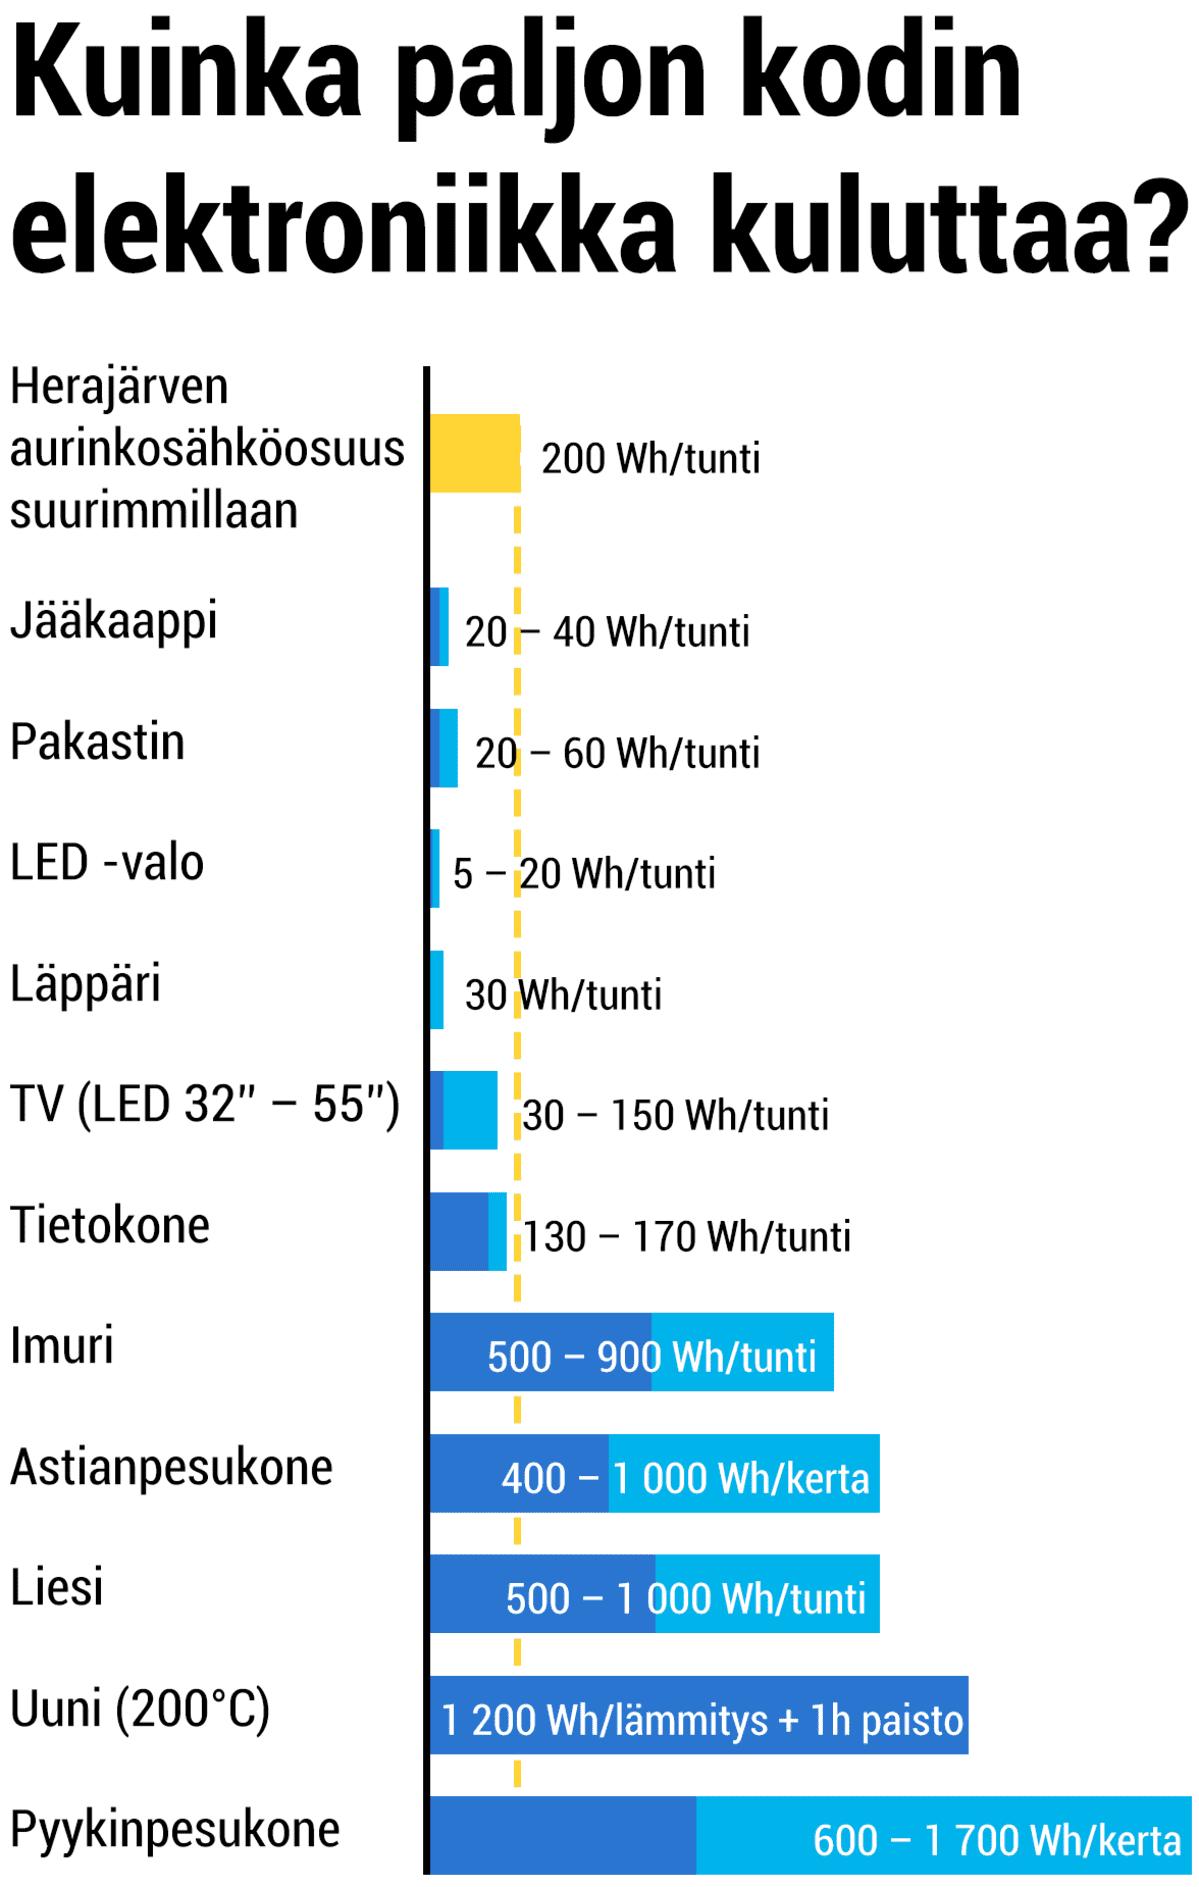 Kuinka paljon kodin elektroniikka kuluttaa? Herajärven aurinkosähköosuus suurimmillaan: 200 Wh/tunti Jääkaappi 20 – 40 Wh/tunti Pakastin 20 – 60 Wh/tunti LED-valo 5 – 20 Wh/tunti Läppäri 30 Wh/tunti TV (LED 32 – 55 tuumaa) 30 – 150 Wh/tunti Tietokone 130 – 170 Wh/tunti Imuri 500 – 900 Wh/tunti Astianpesukone 400 – 1000 Wh/kerta Liesi 500 – 1000 Wh/tunti Uuni (200 astetta) 1200 Wh/lämmitys + 1 tunnin paisto Pyykinpesukone 600 – 1700 Wh/tunti